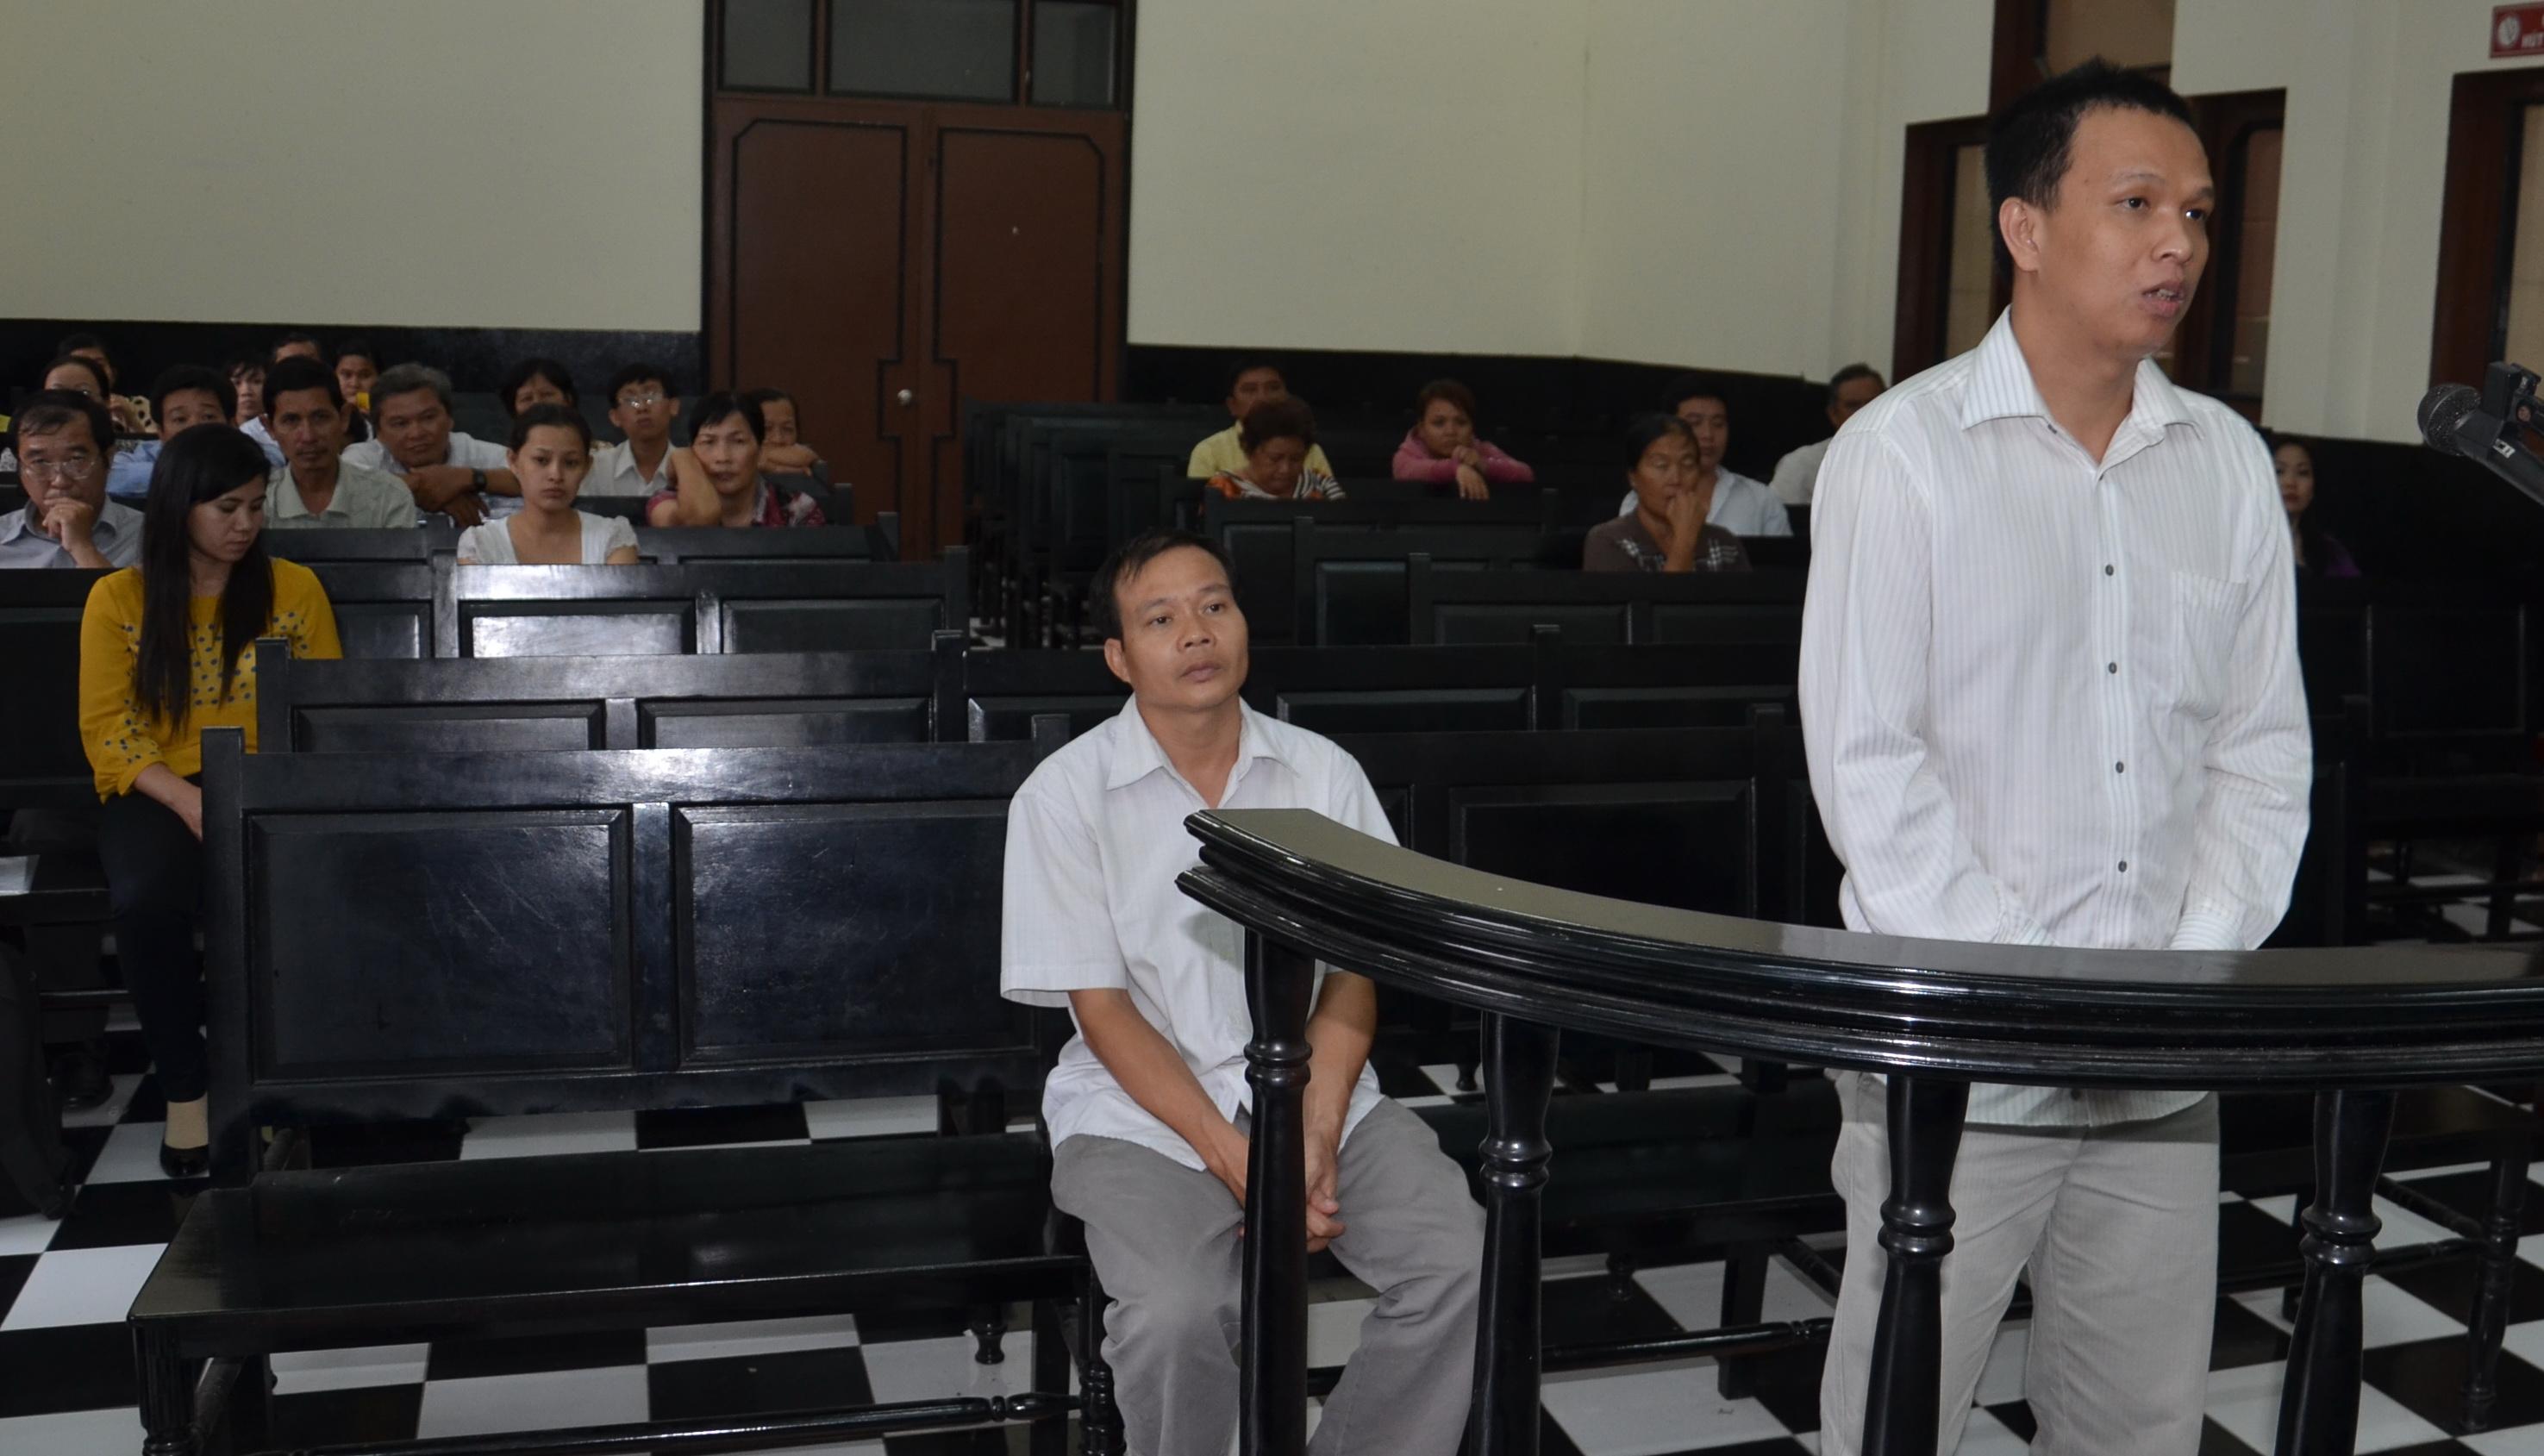 Lính lác nhận án tù trong khi giám đốc bị đình chỉ điều tra vì bị loạn thần